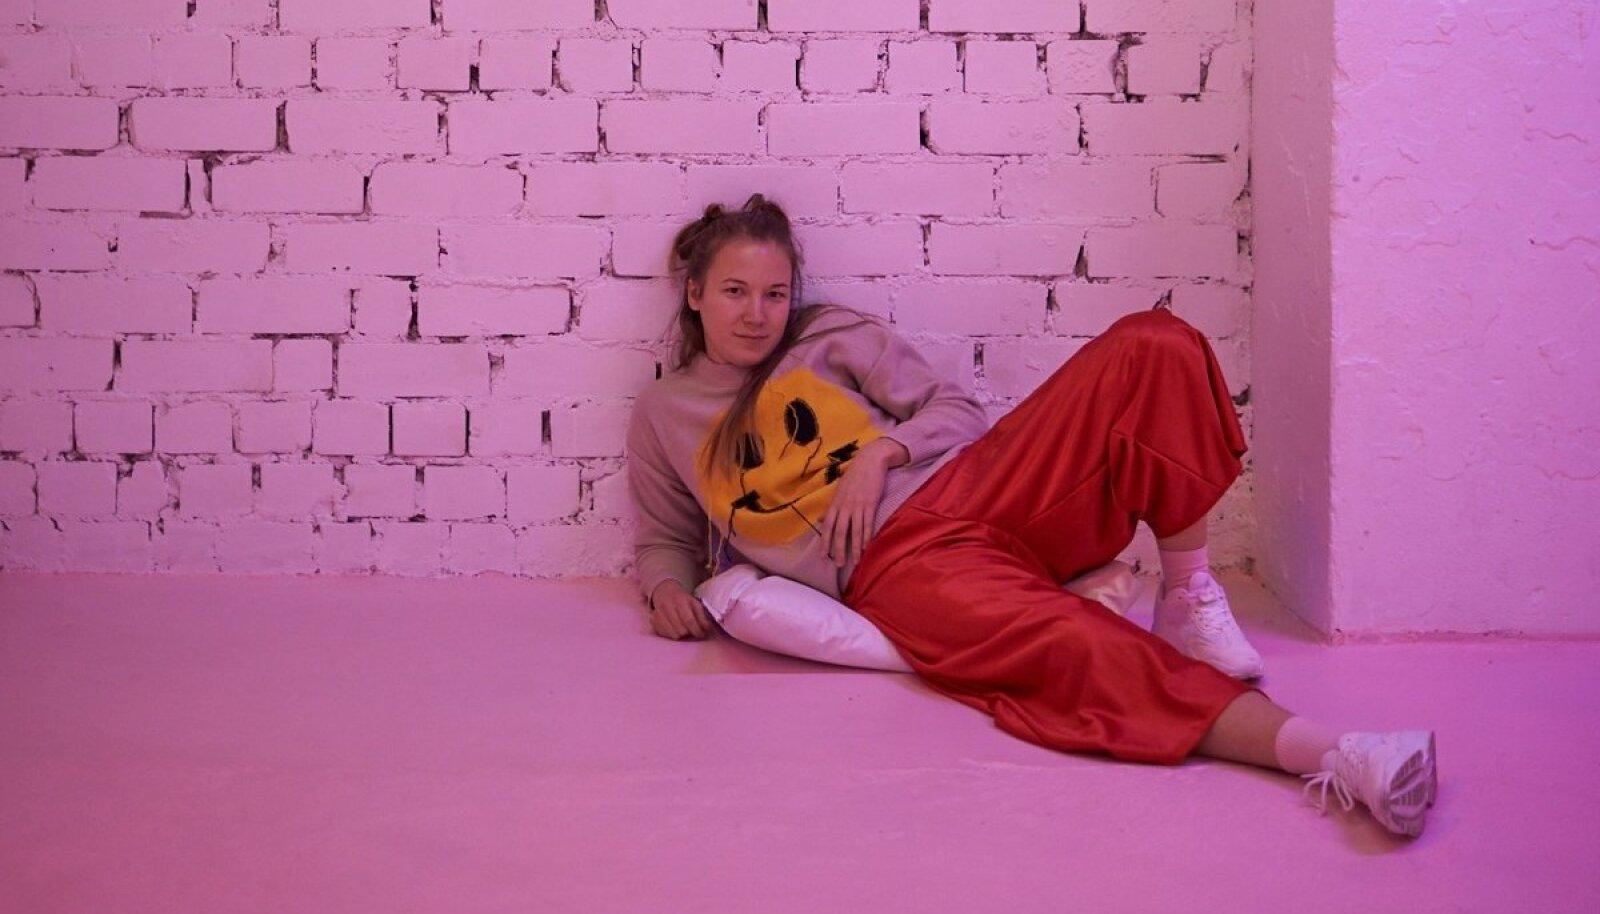 Koreograafist etenduskunstnikku Karolin Poskat inspireerisid lavastust looma just argirituaalid.